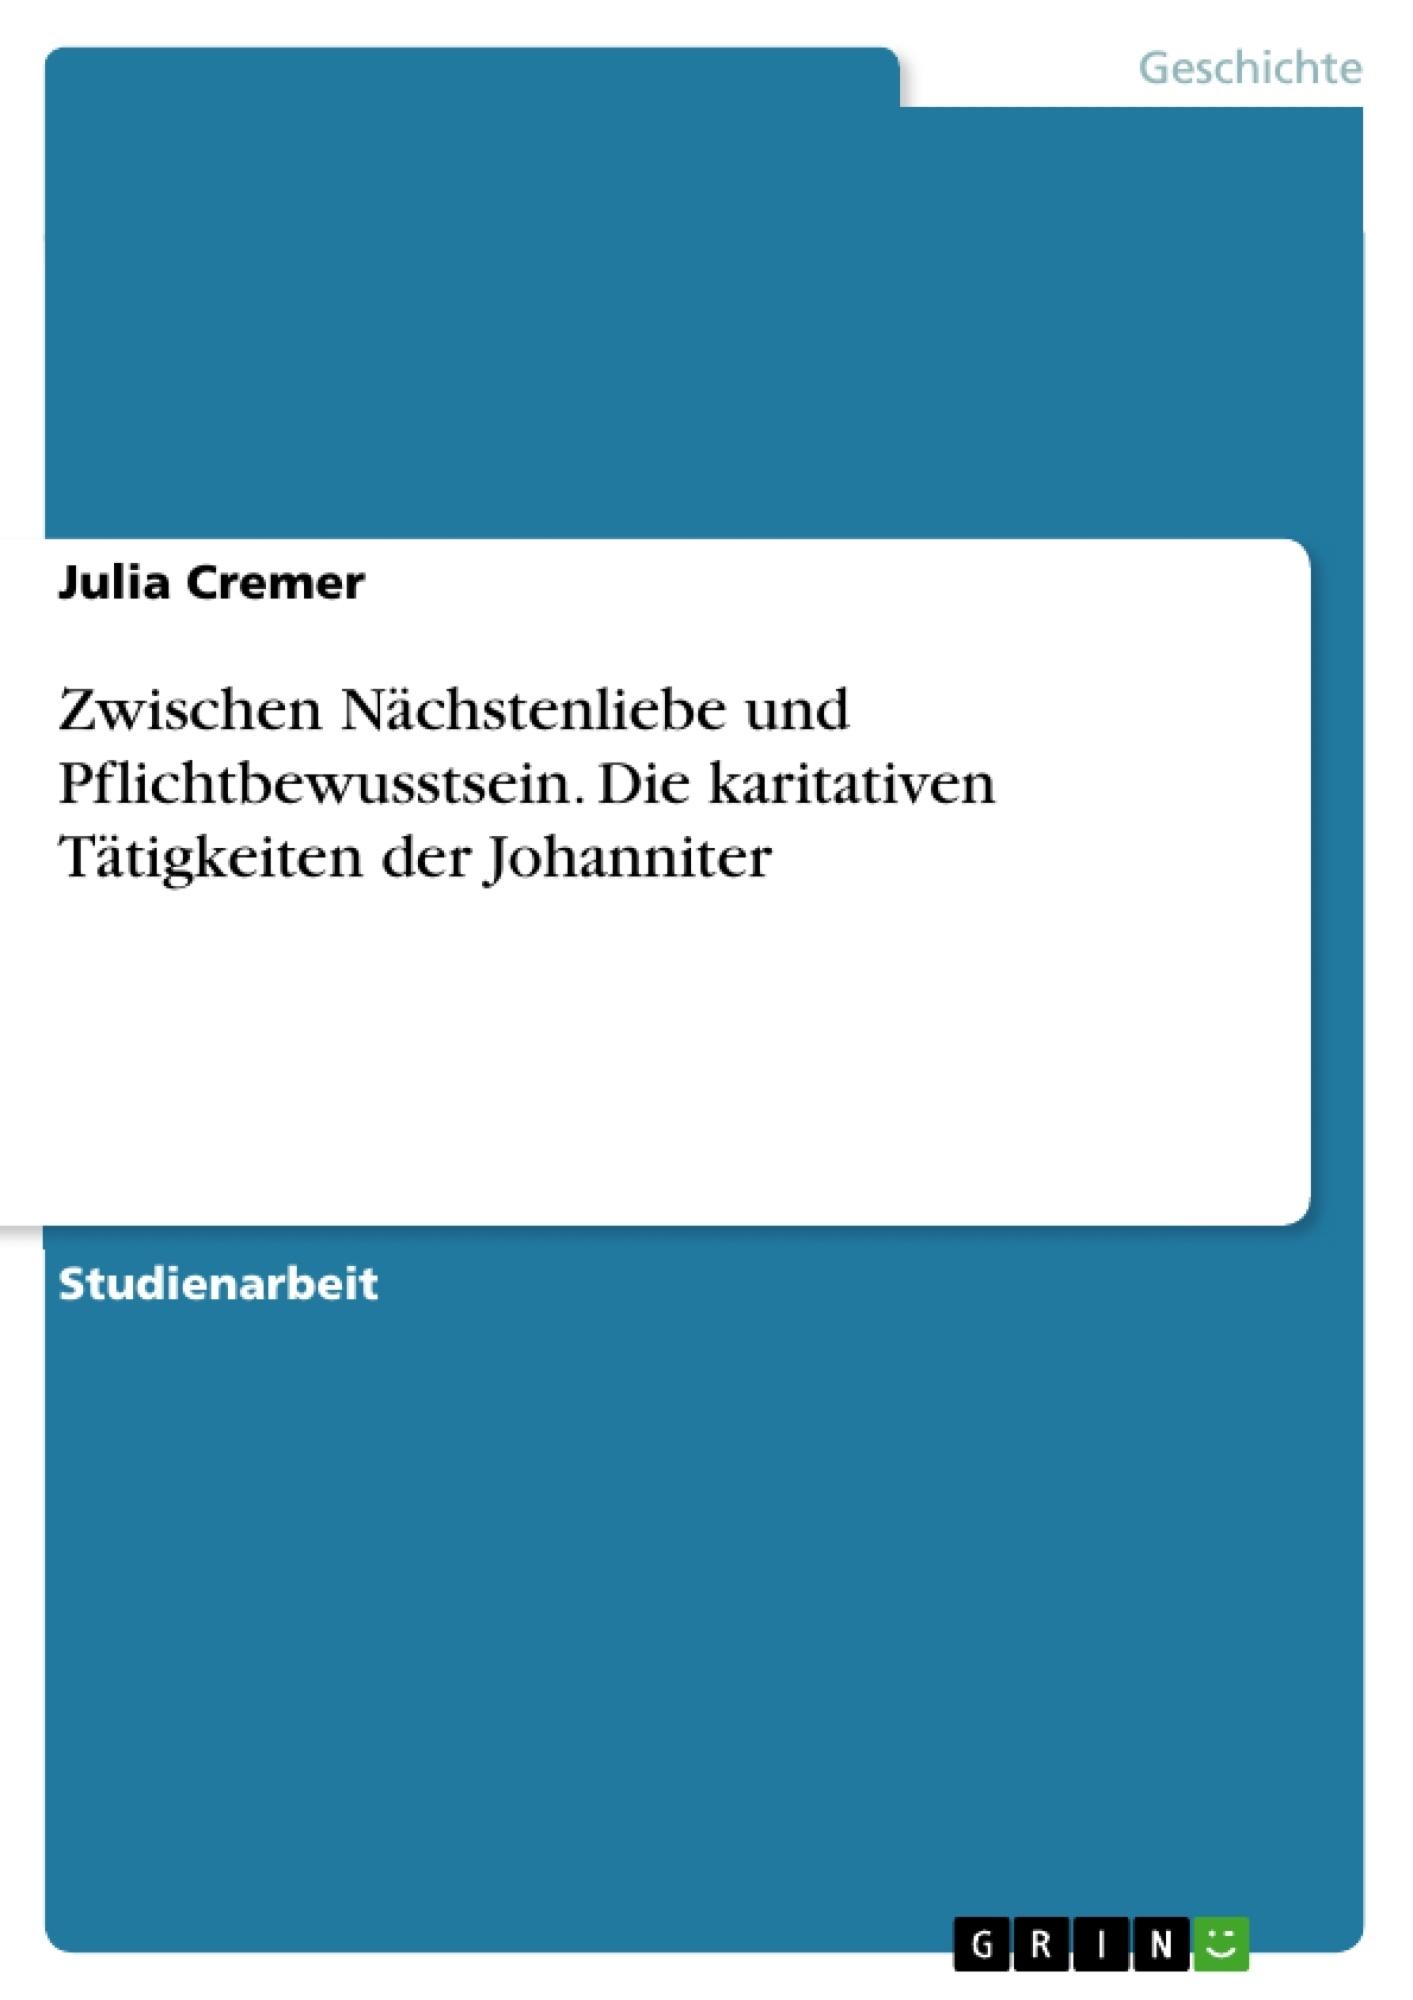 Titel: Zwischen Nächstenliebe und Pflichtbewusstsein. Die karitativen Tätigkeiten der Johanniter